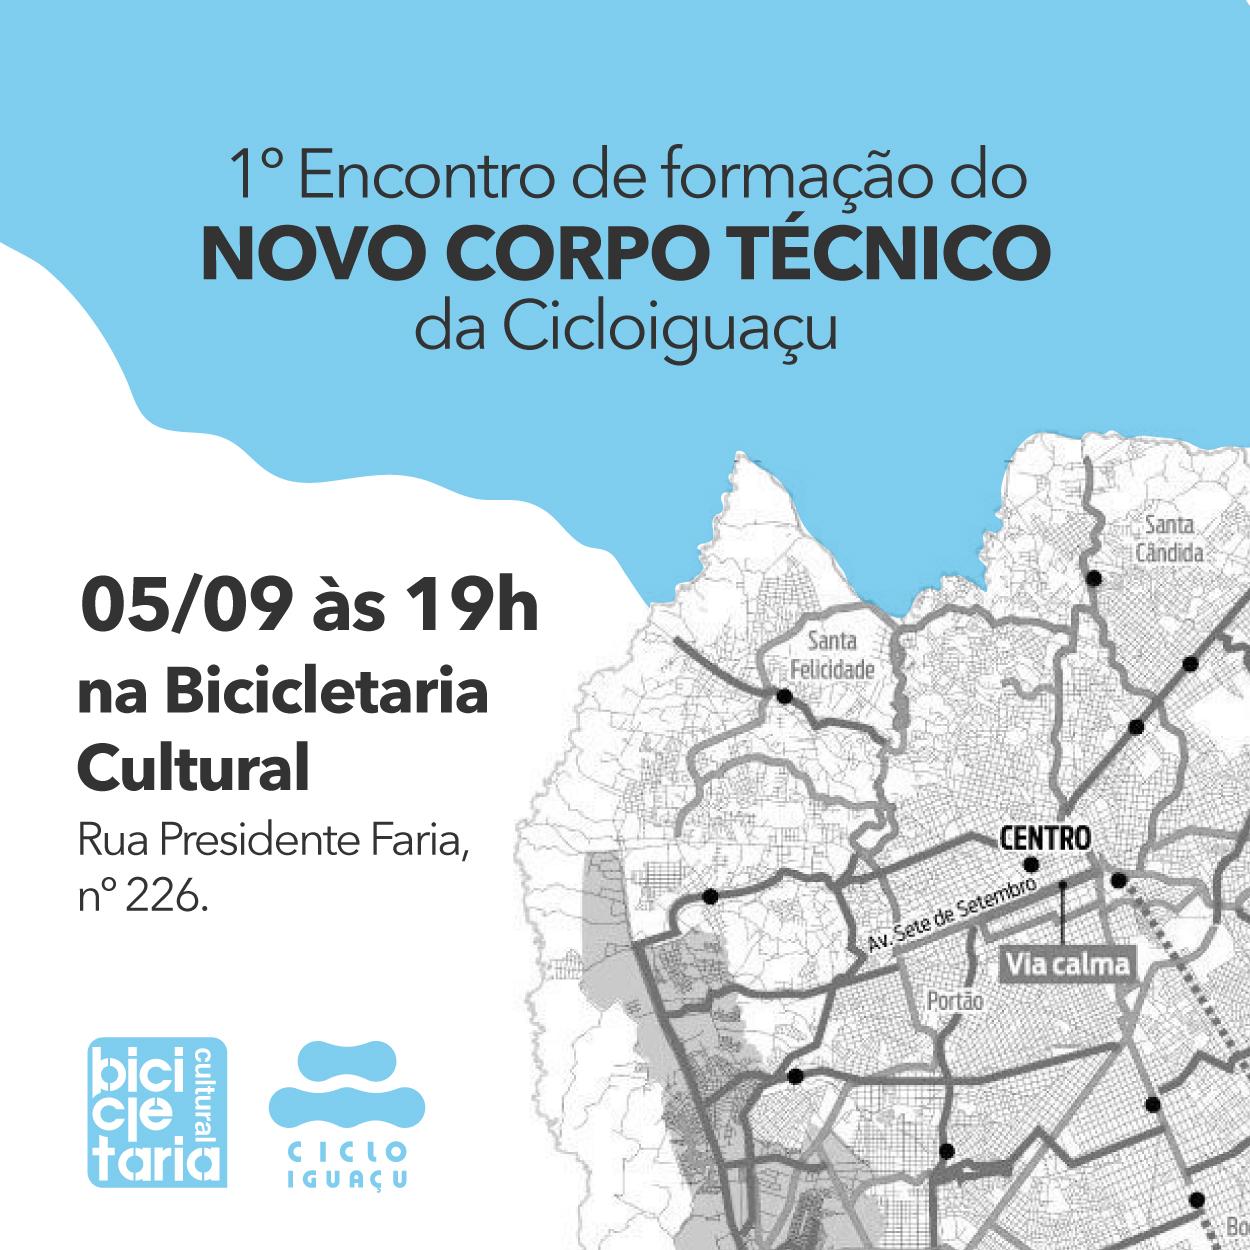 1° Encontro de formação do novo corpo técnico da Cicloiguaçu - 05/09/2016 às 19h na Bicicletaria Cultural